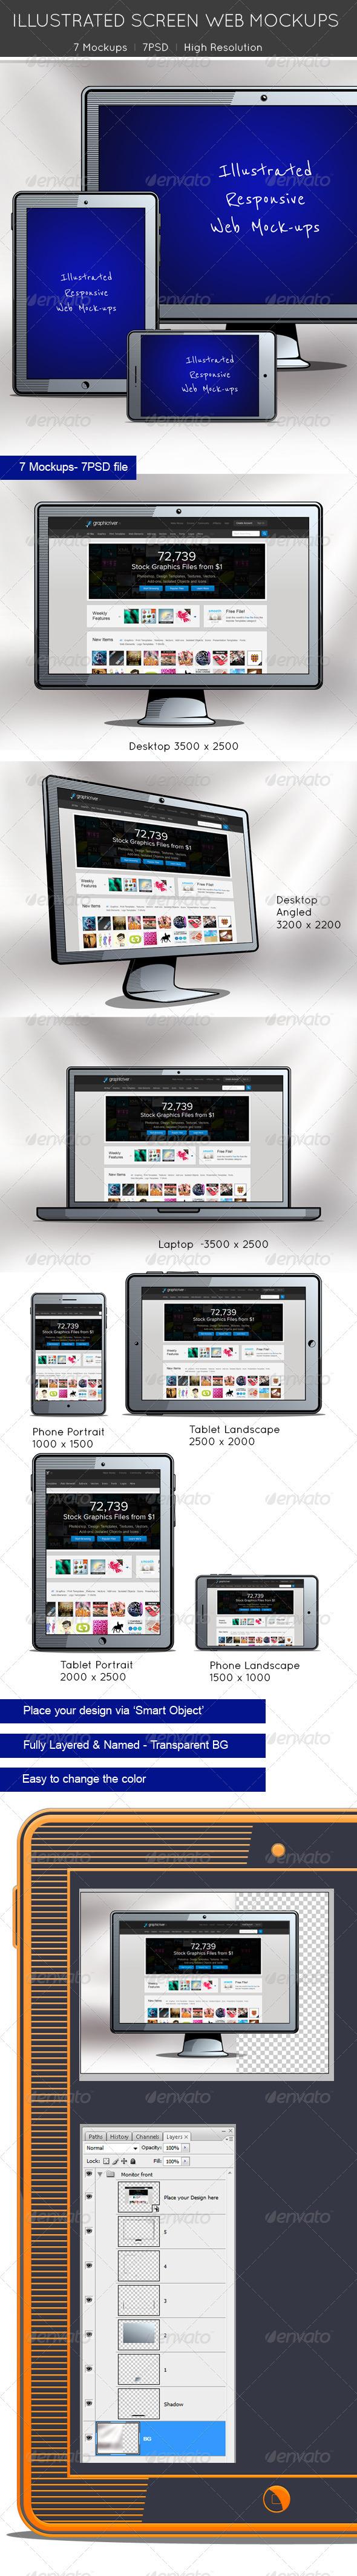 Illustrated Screen Web Mockups - Multiple Displays